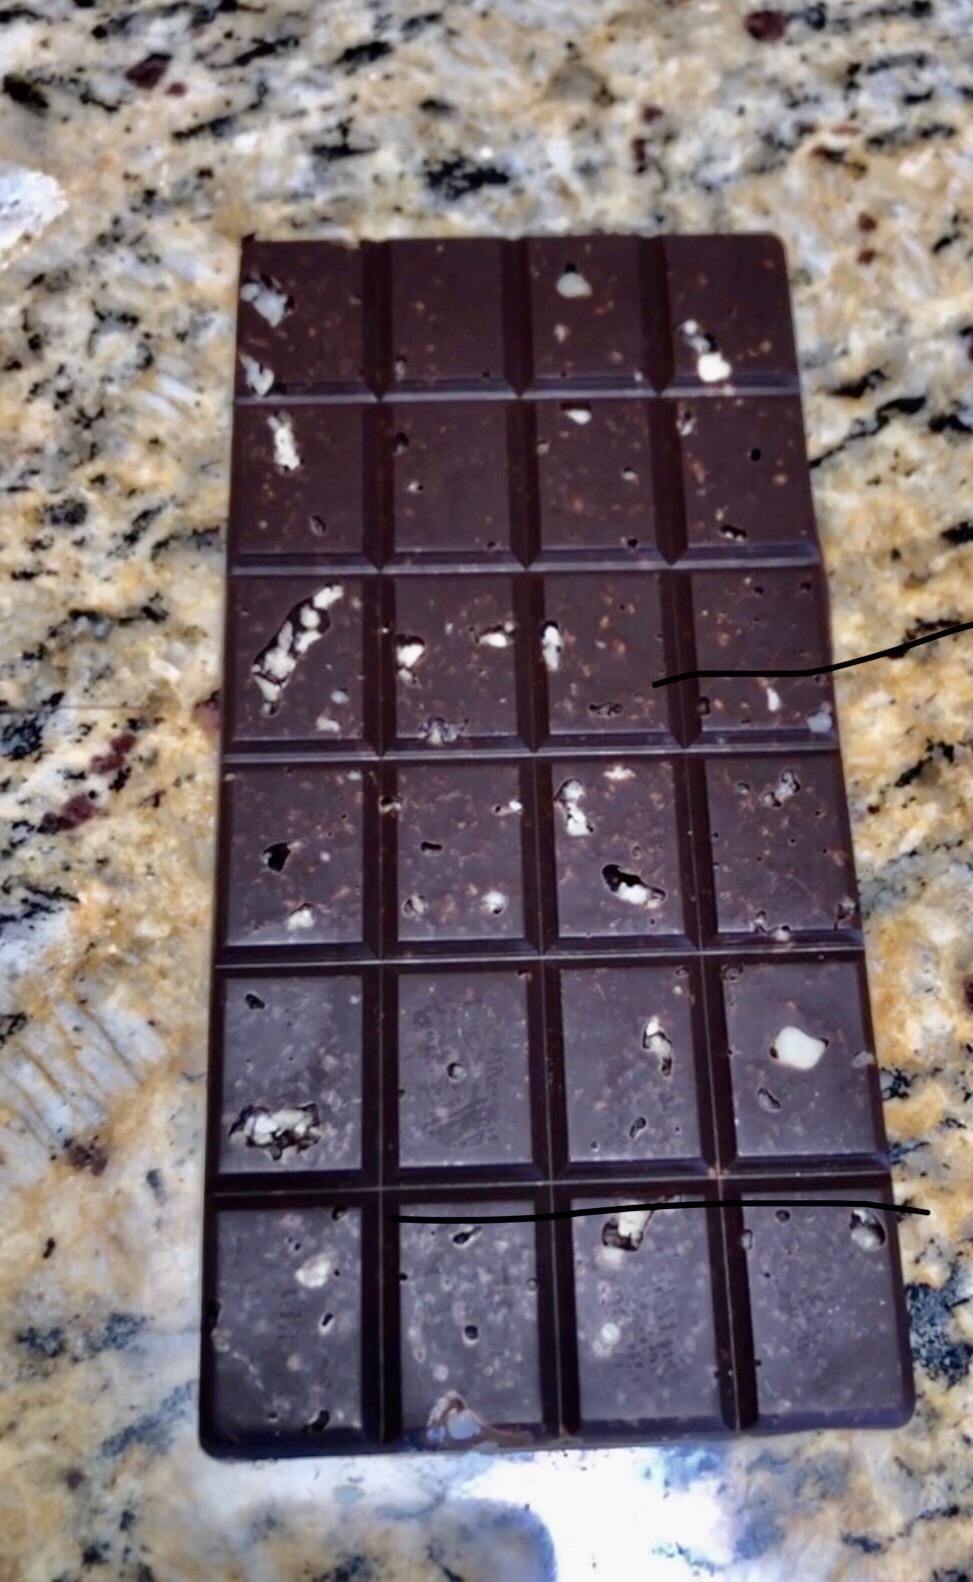 Получился шоколад по вкусу краше швейцарского Линдта, который я нежно уважаю.Так что если кому нафиг делать, то делать шоколад совсем даже не сложно.Сложнее потом кухню отмывать😆.И худеть, сожрав все спонтанным ночным дожором 🤷🏾♂️.